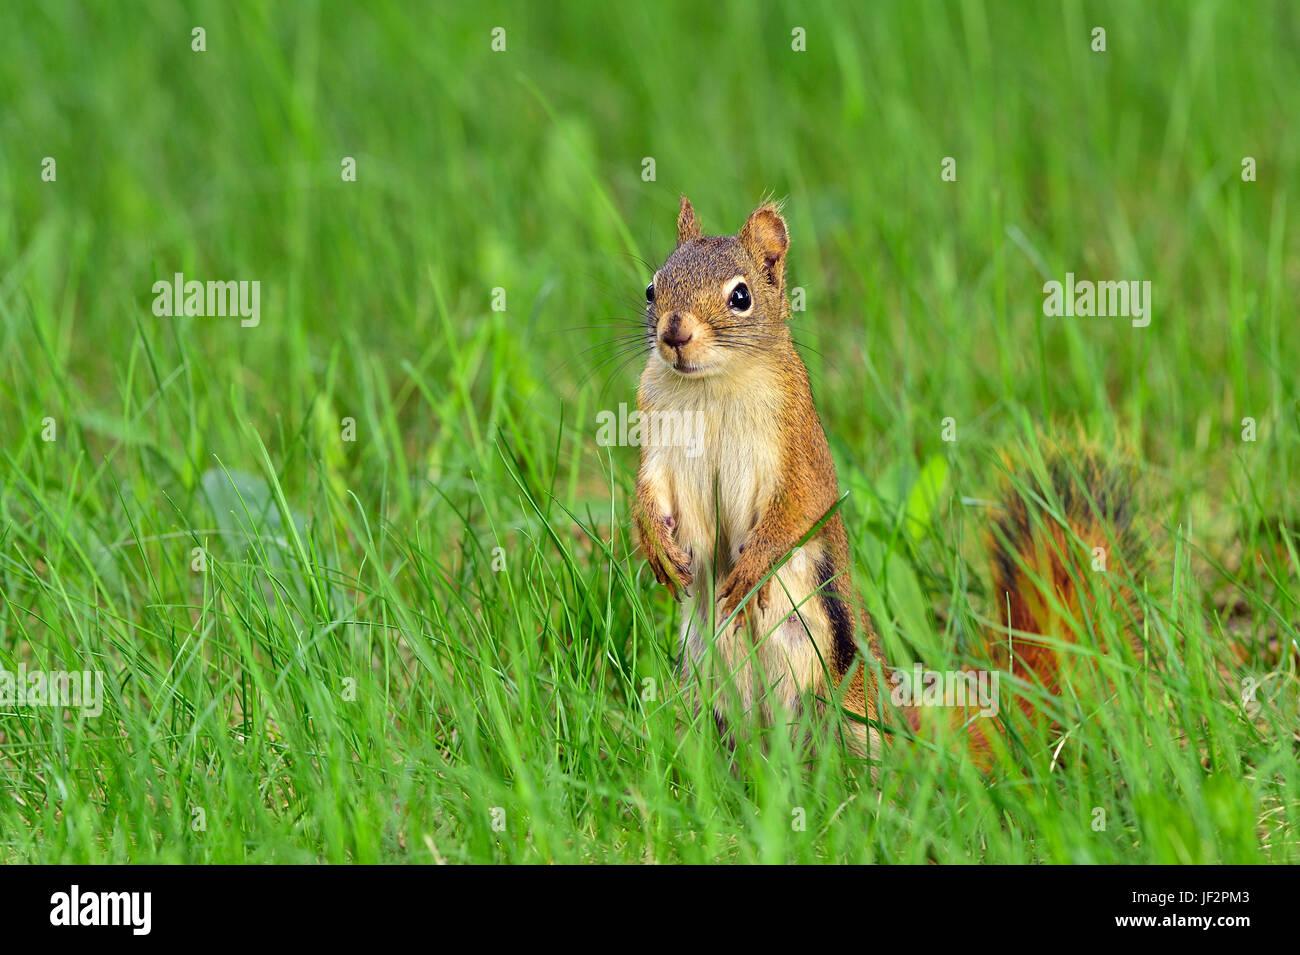 Uno scoiattolo rosso Tamiasciurus hudsonicus; in piedi sul suo piede posteriore guardando avanti nel profondo dell'erba Immagini Stock